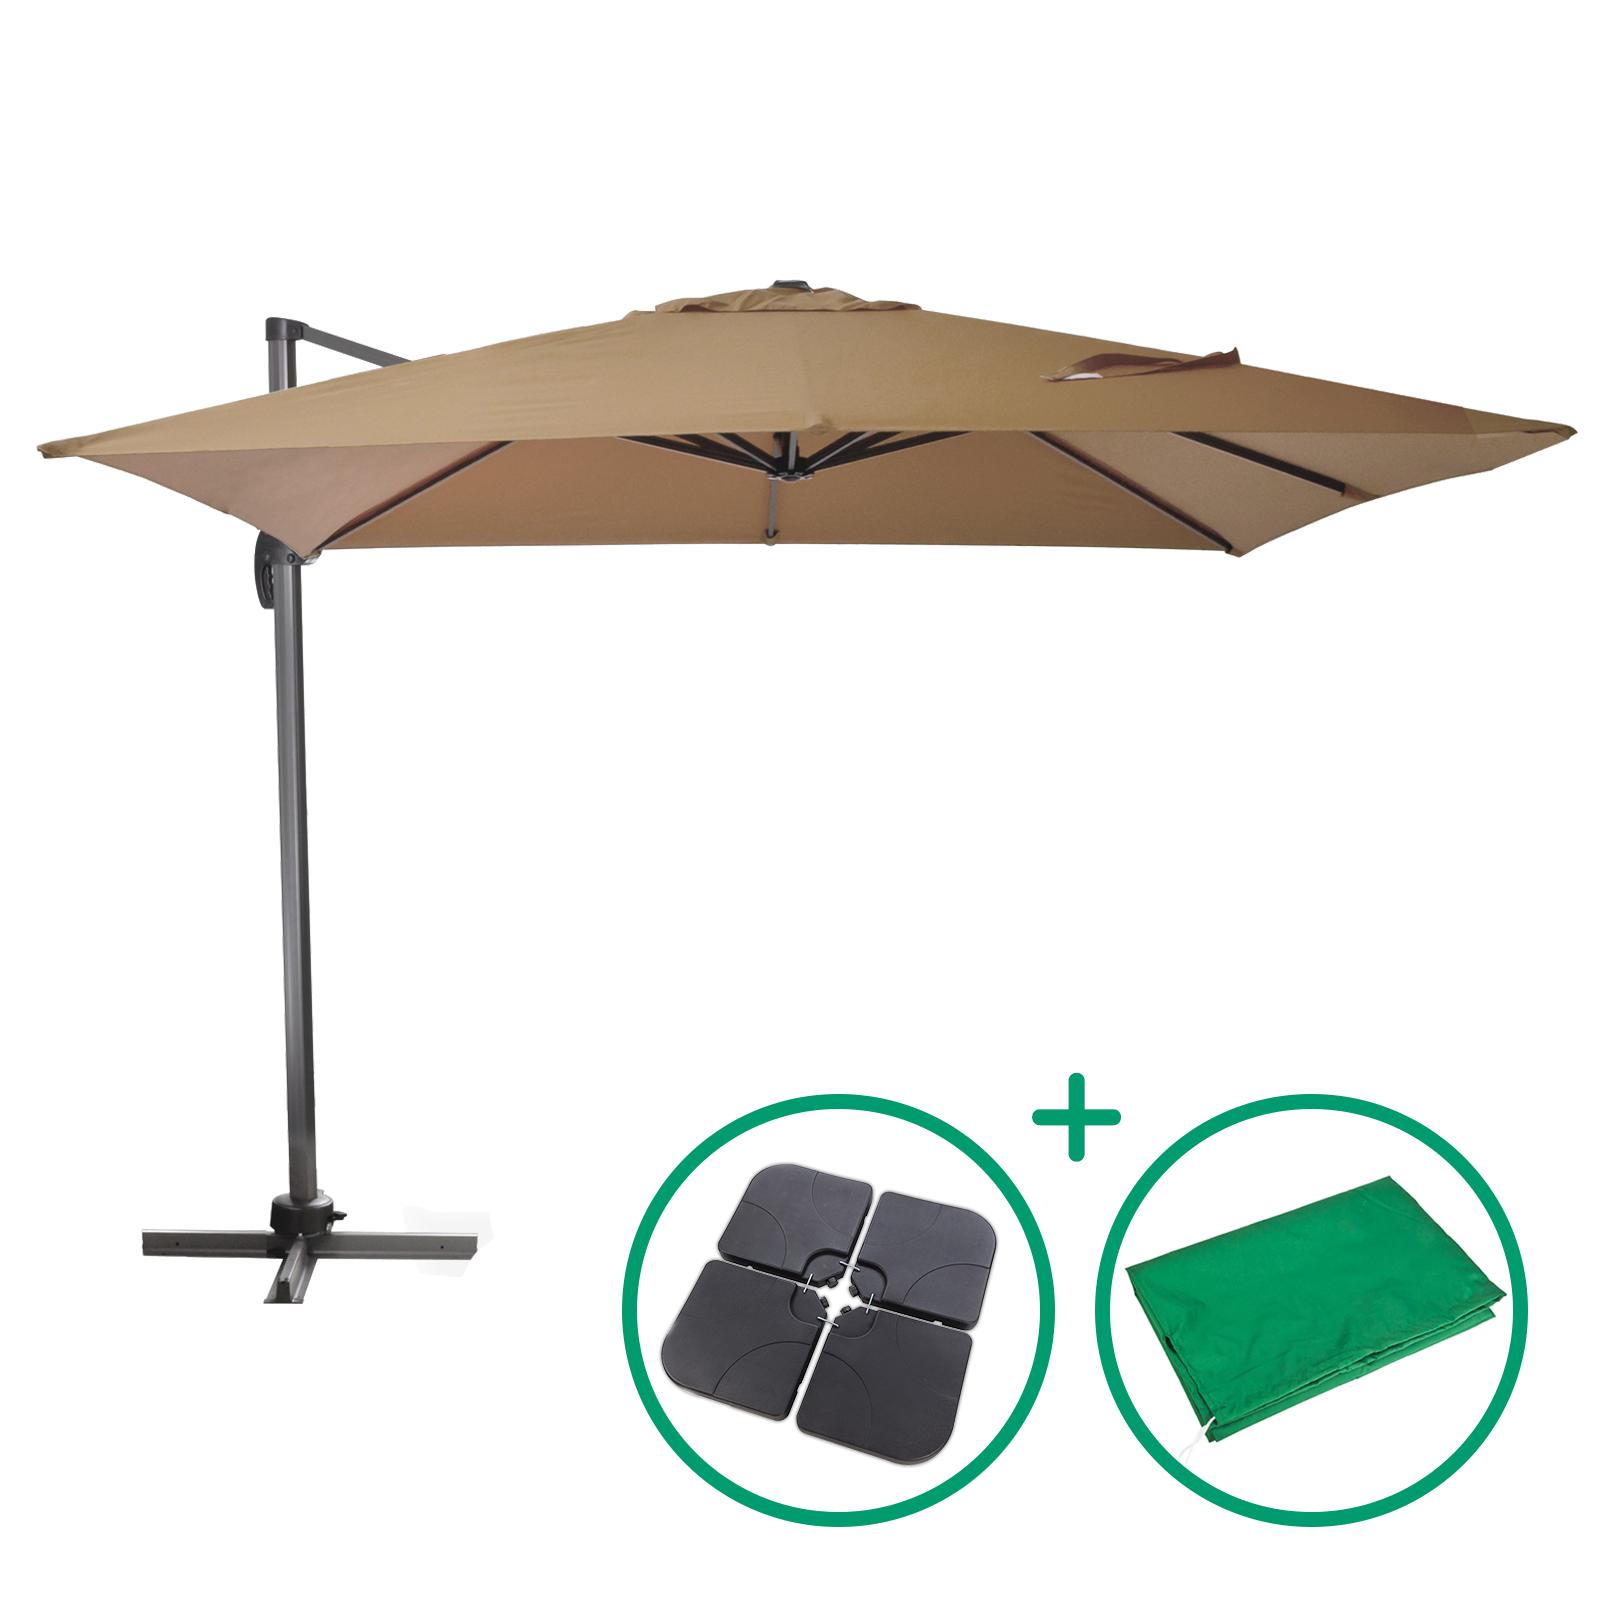 Dema Ampelschirm 300 x 300 cm mit Schutzhülle und Schirmständer ver. Farben ampelschirm-set-khaki